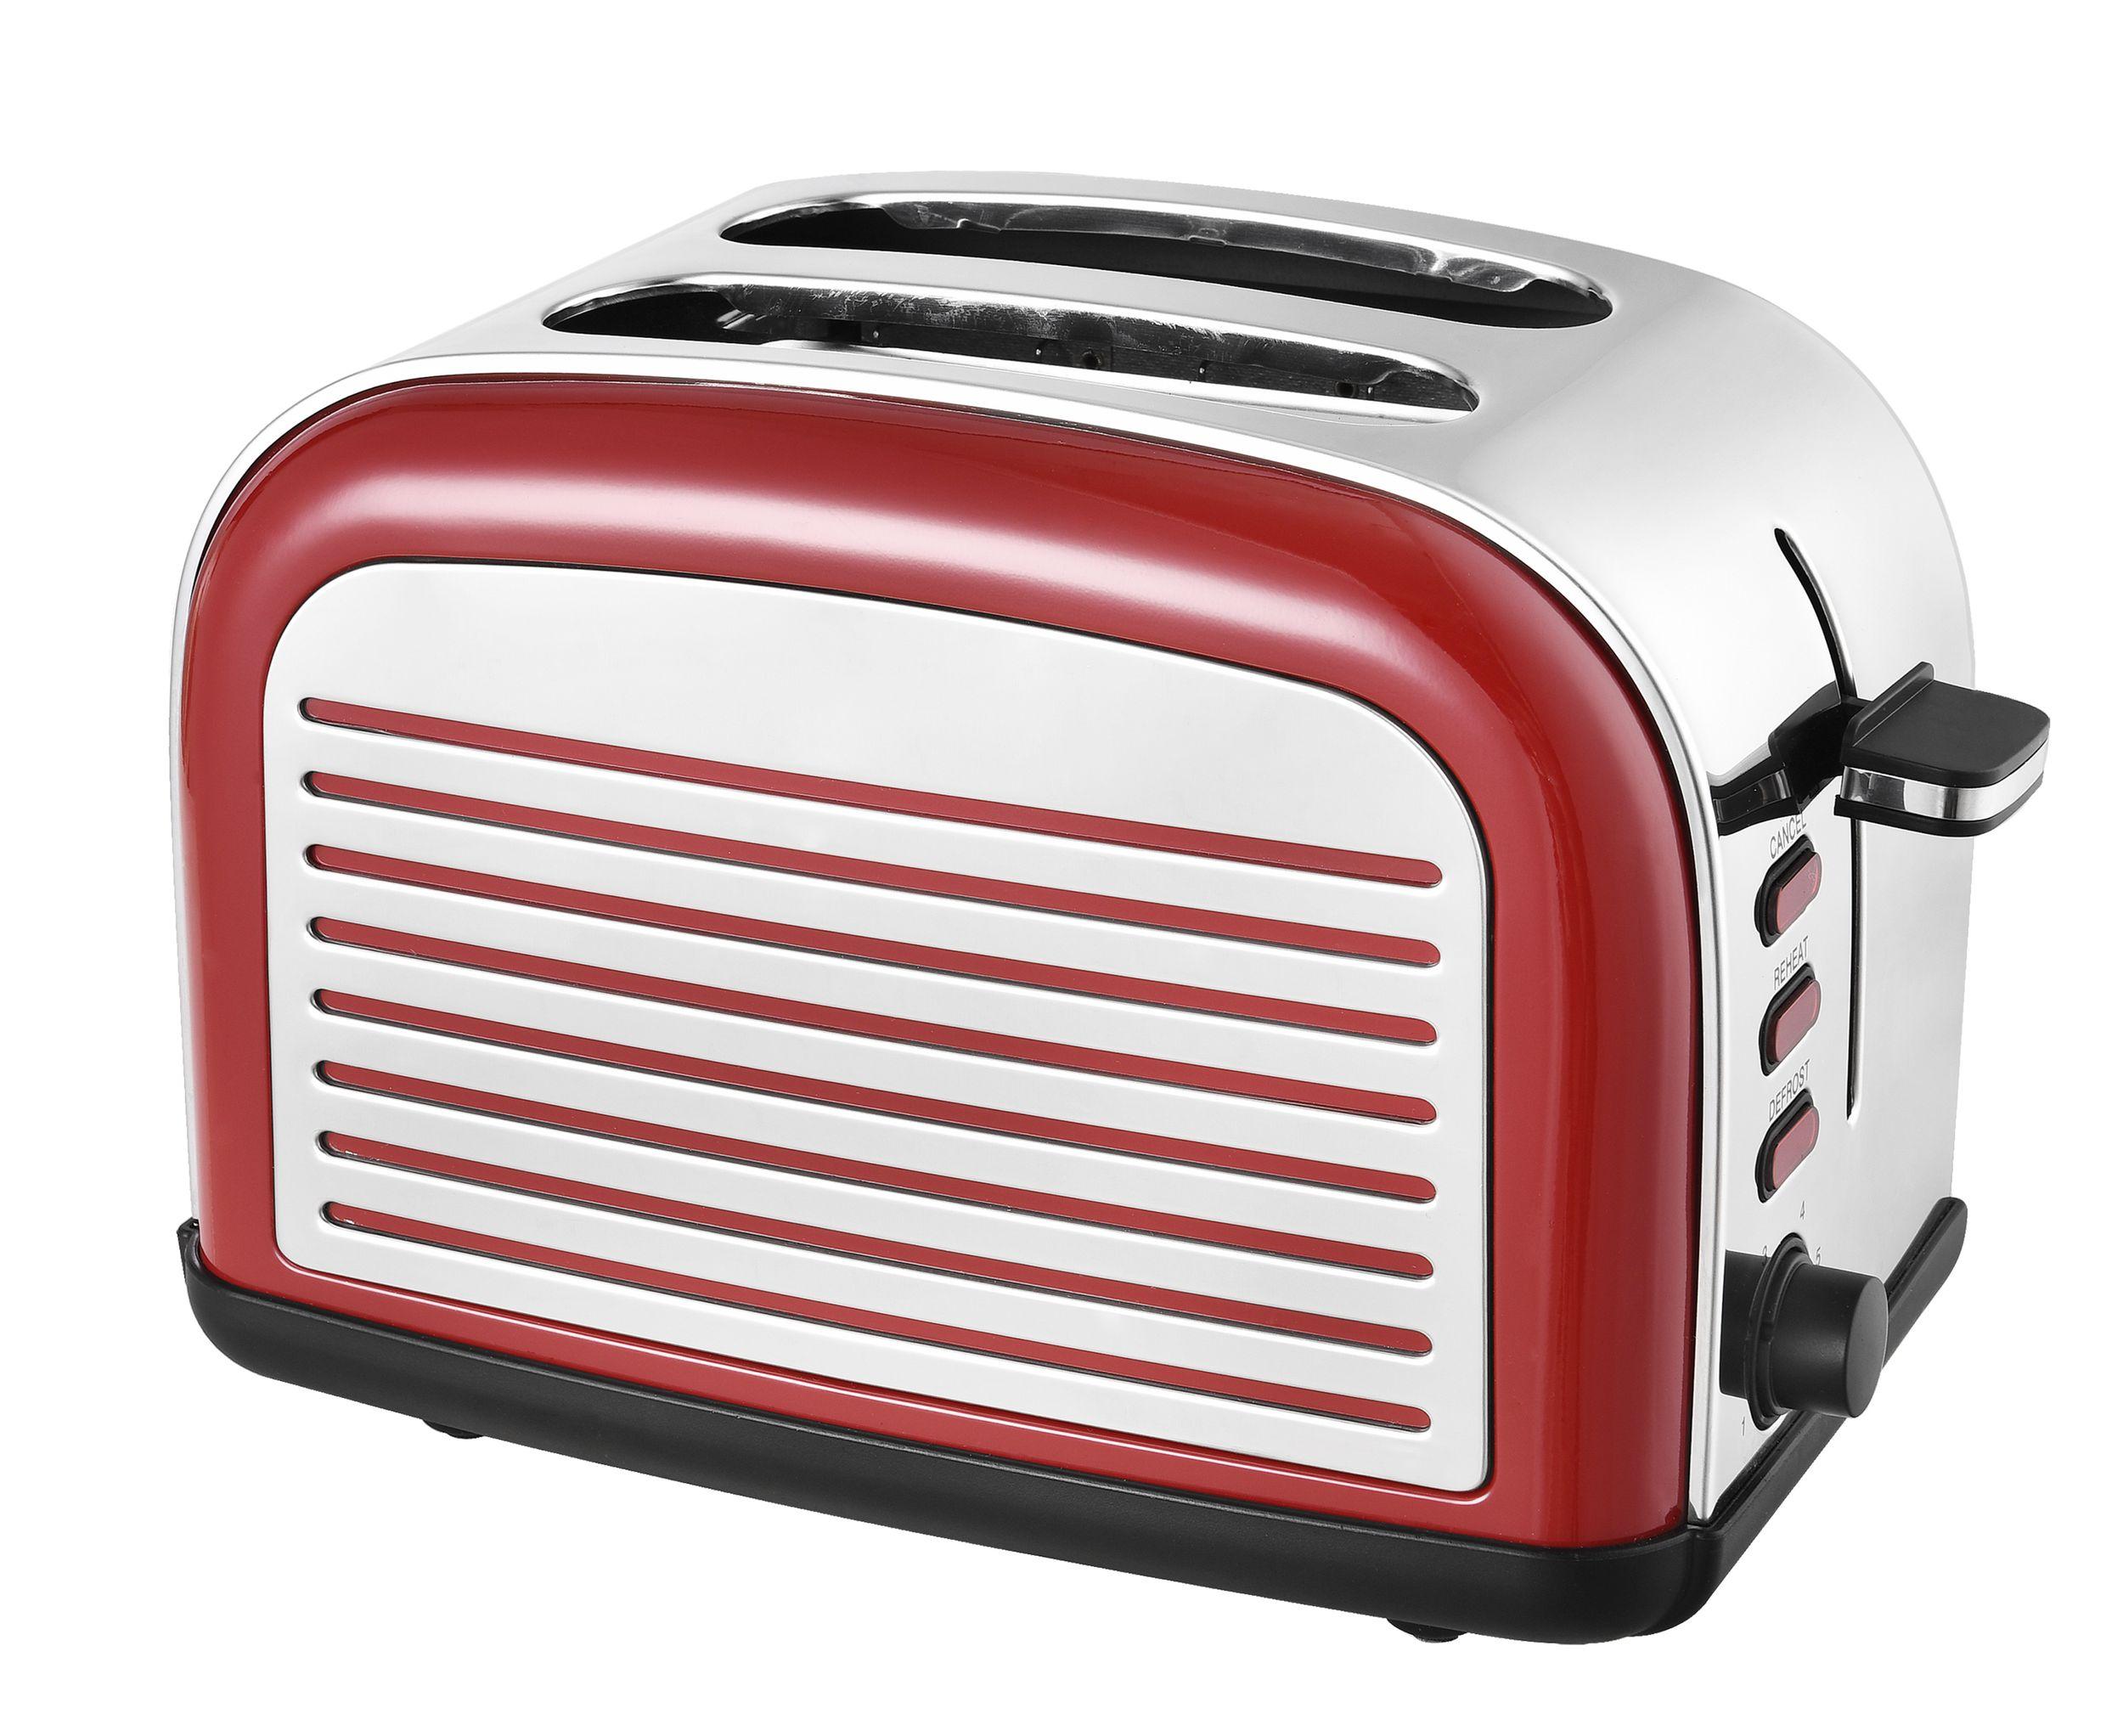 2-Scheiben-Edelstahltoaster Retro Design rot Brötchenaufsatz (Karton beschädigt)*37931 Bild 3